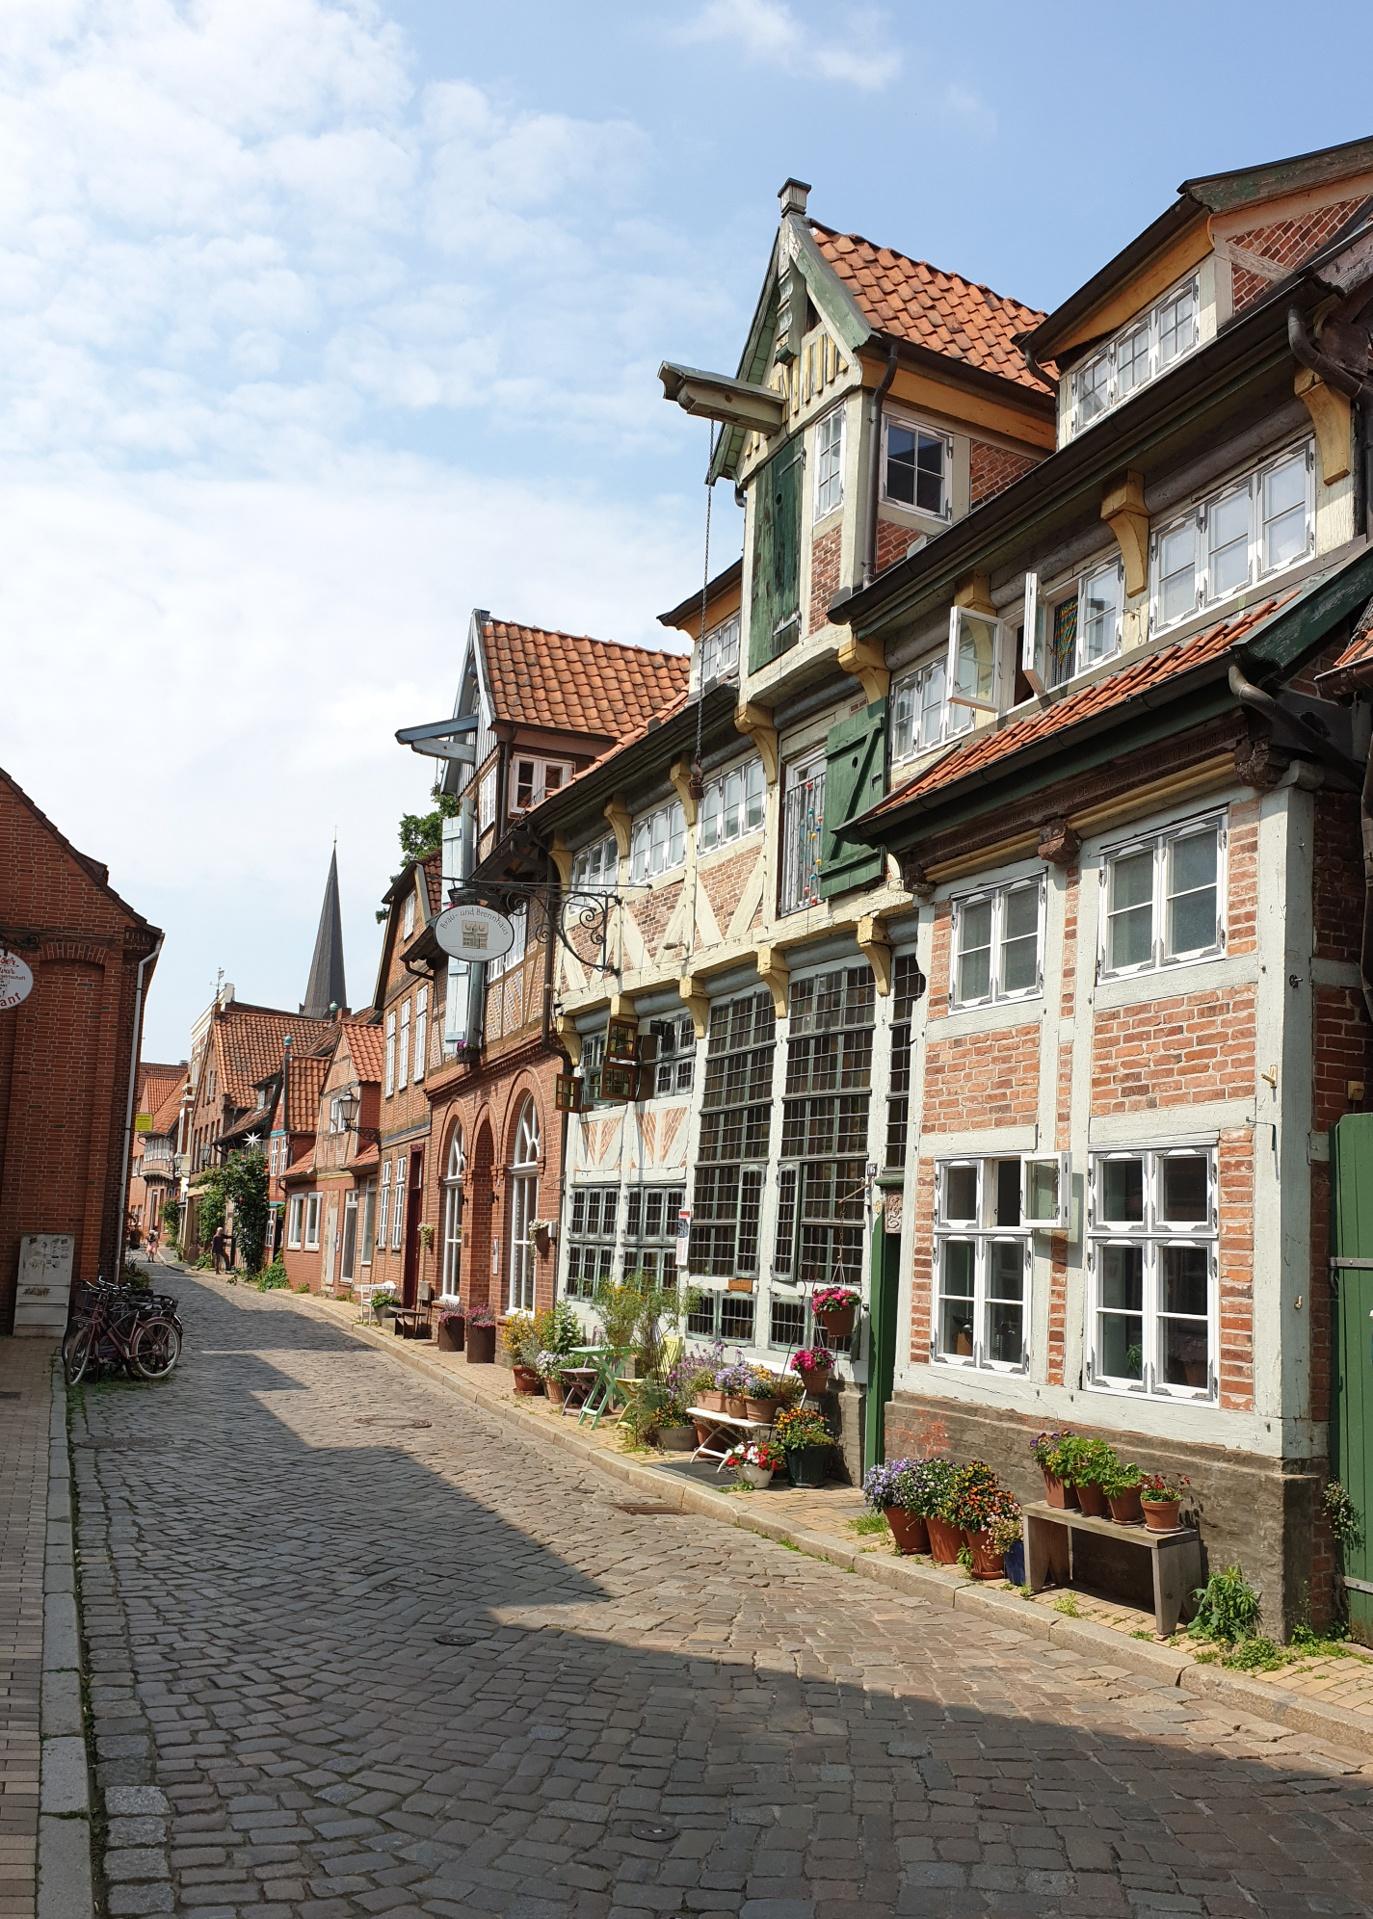 Altstadt Lauenburg, Brauhaus Anno 1633